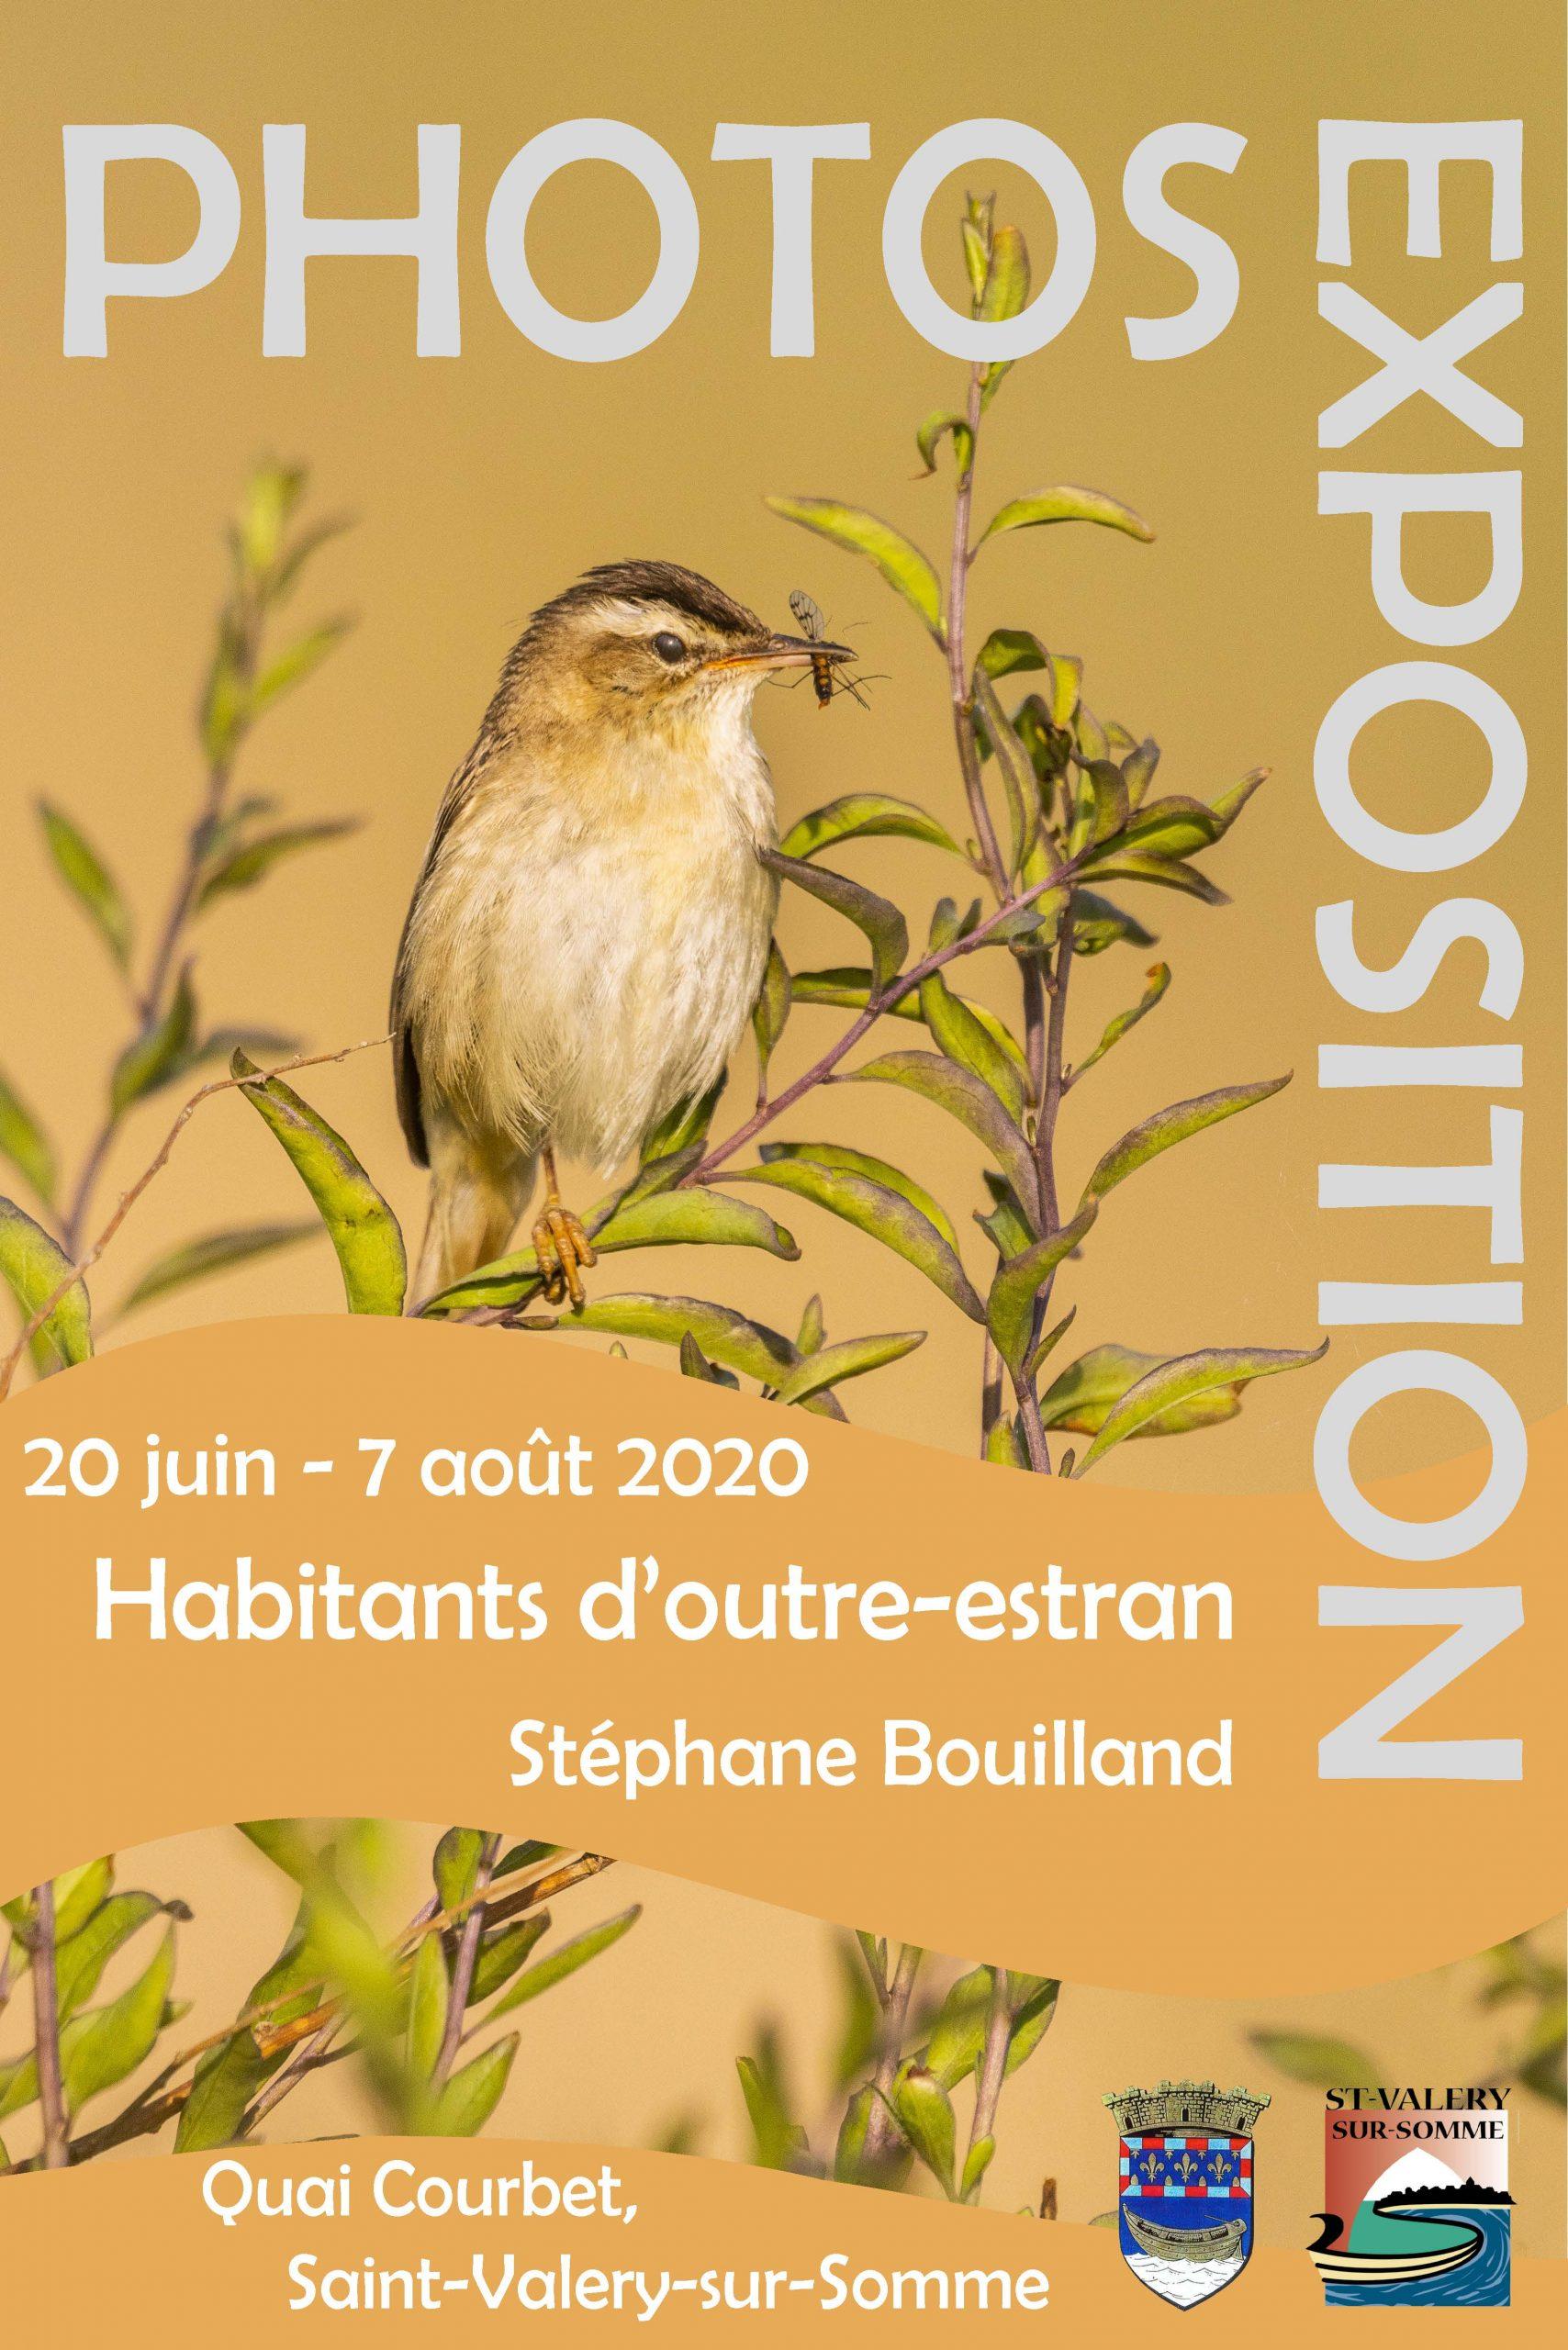 Expo-Photos sur les quais de Saint-Valery